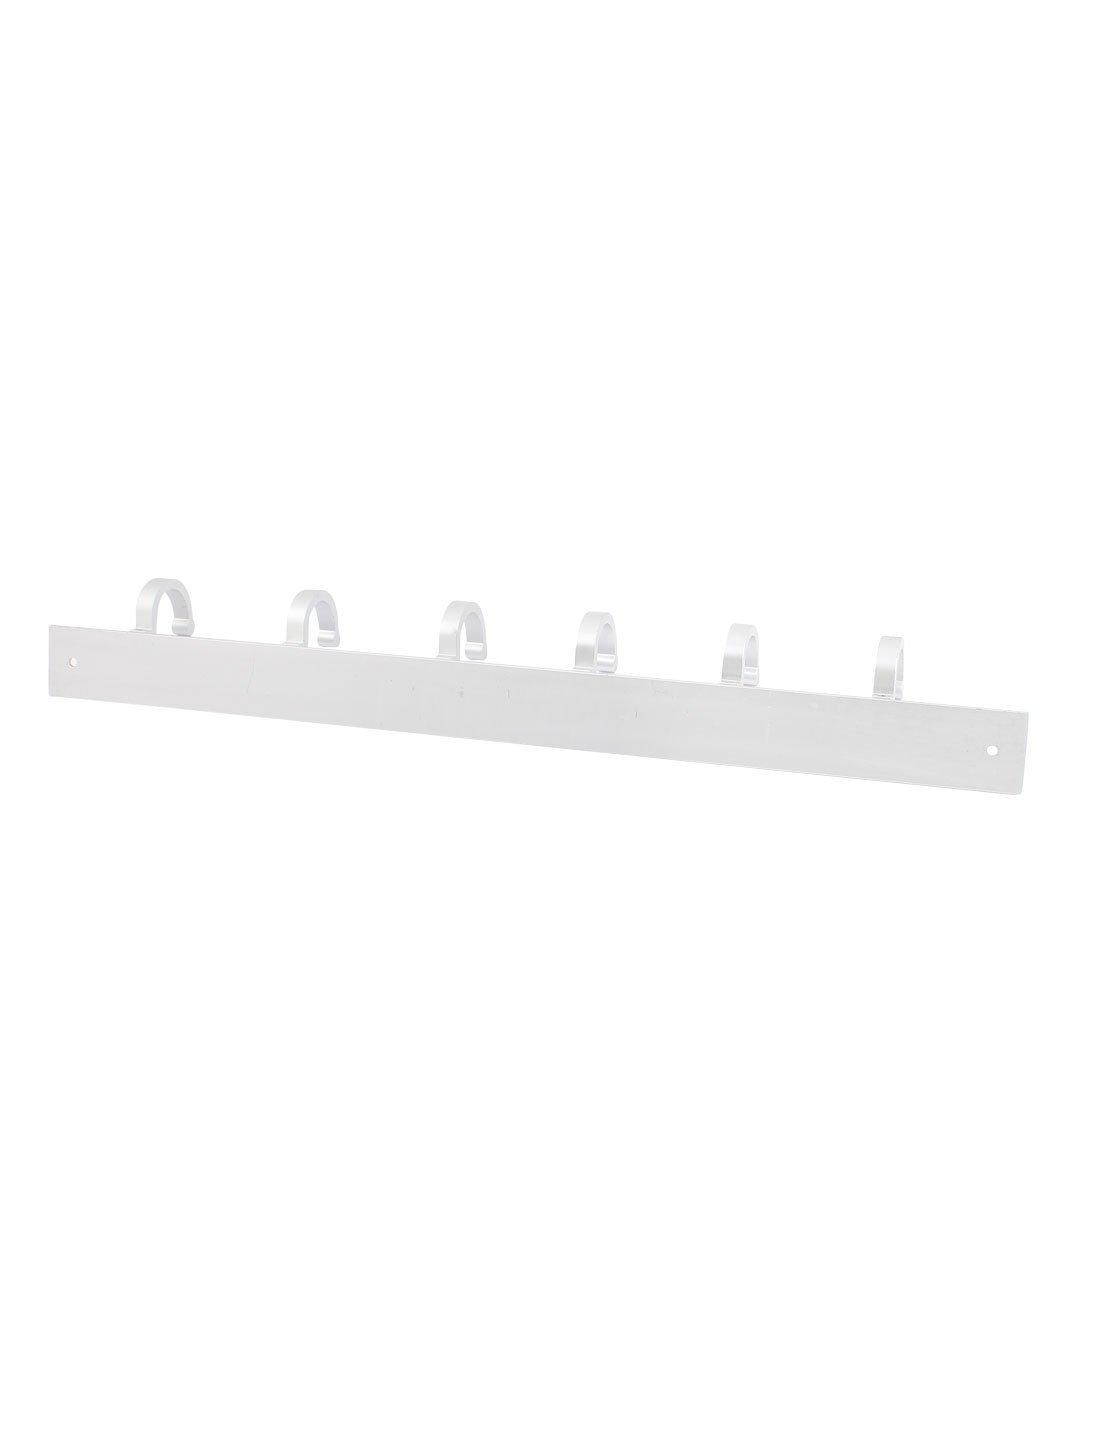 Amazon.com: eDealMax de aluminio Ajustable del listón Con ganchos 6 Suspensión de la capa del Sombrero Ropa de montaje en pared: Home & Kitchen